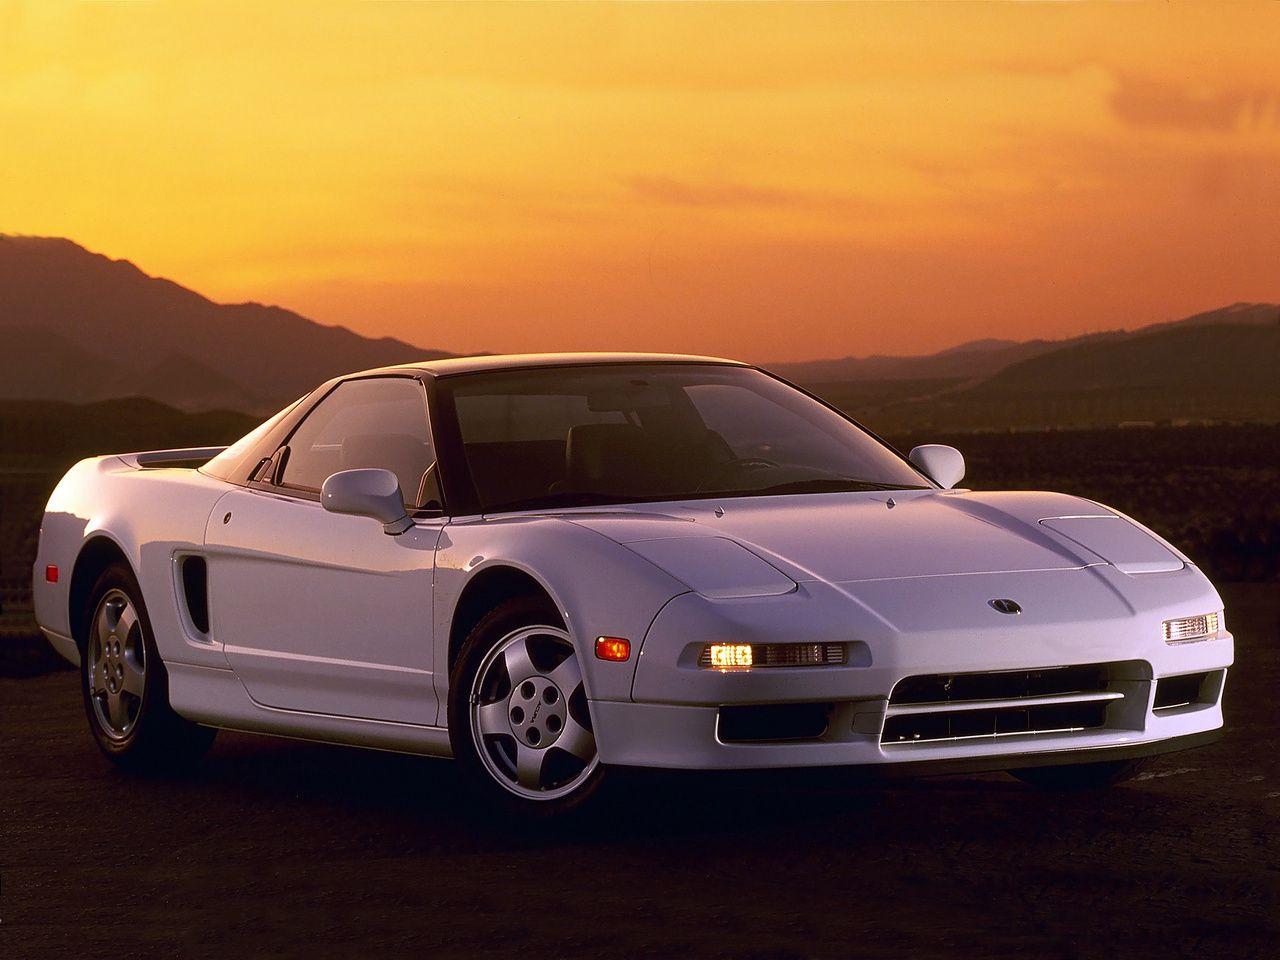 1991 Acura NSX Acura sports car, Nsx, Acura nsx